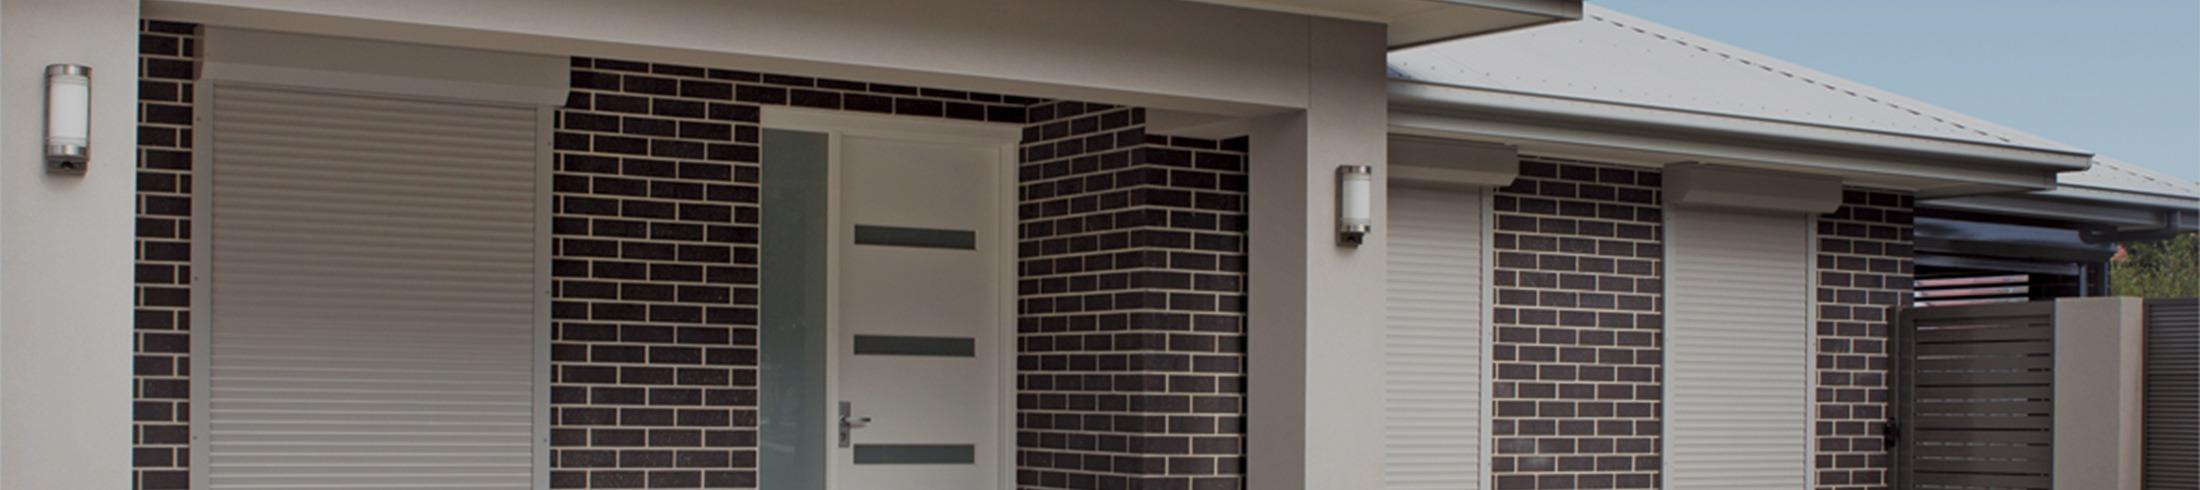 outdoor shutters external 02